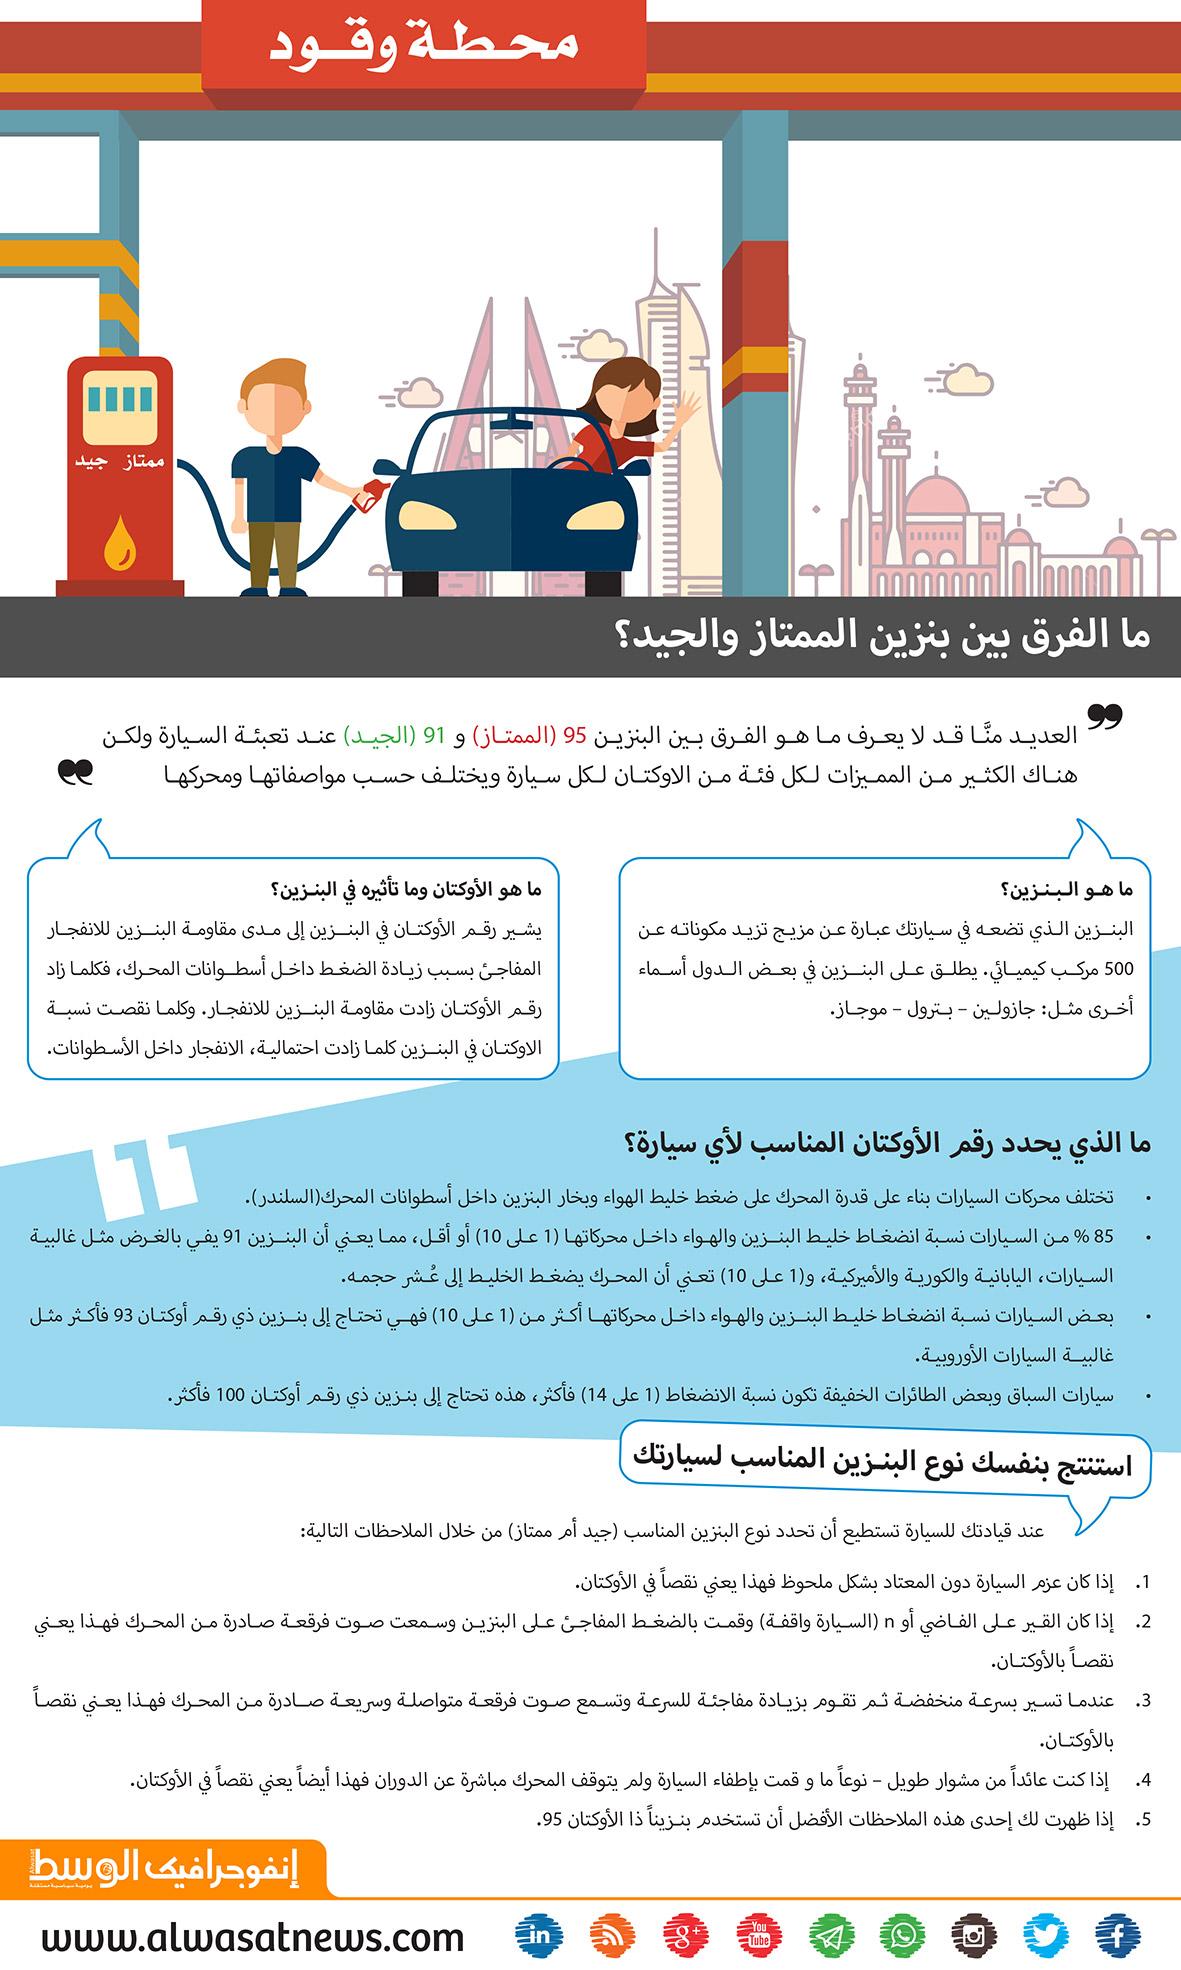 انفوجرافيك الوسط ما الفرق بين بنزين الممتاز والجيد البحرين صحيفة الوسط البحرينية مملكة البحرين